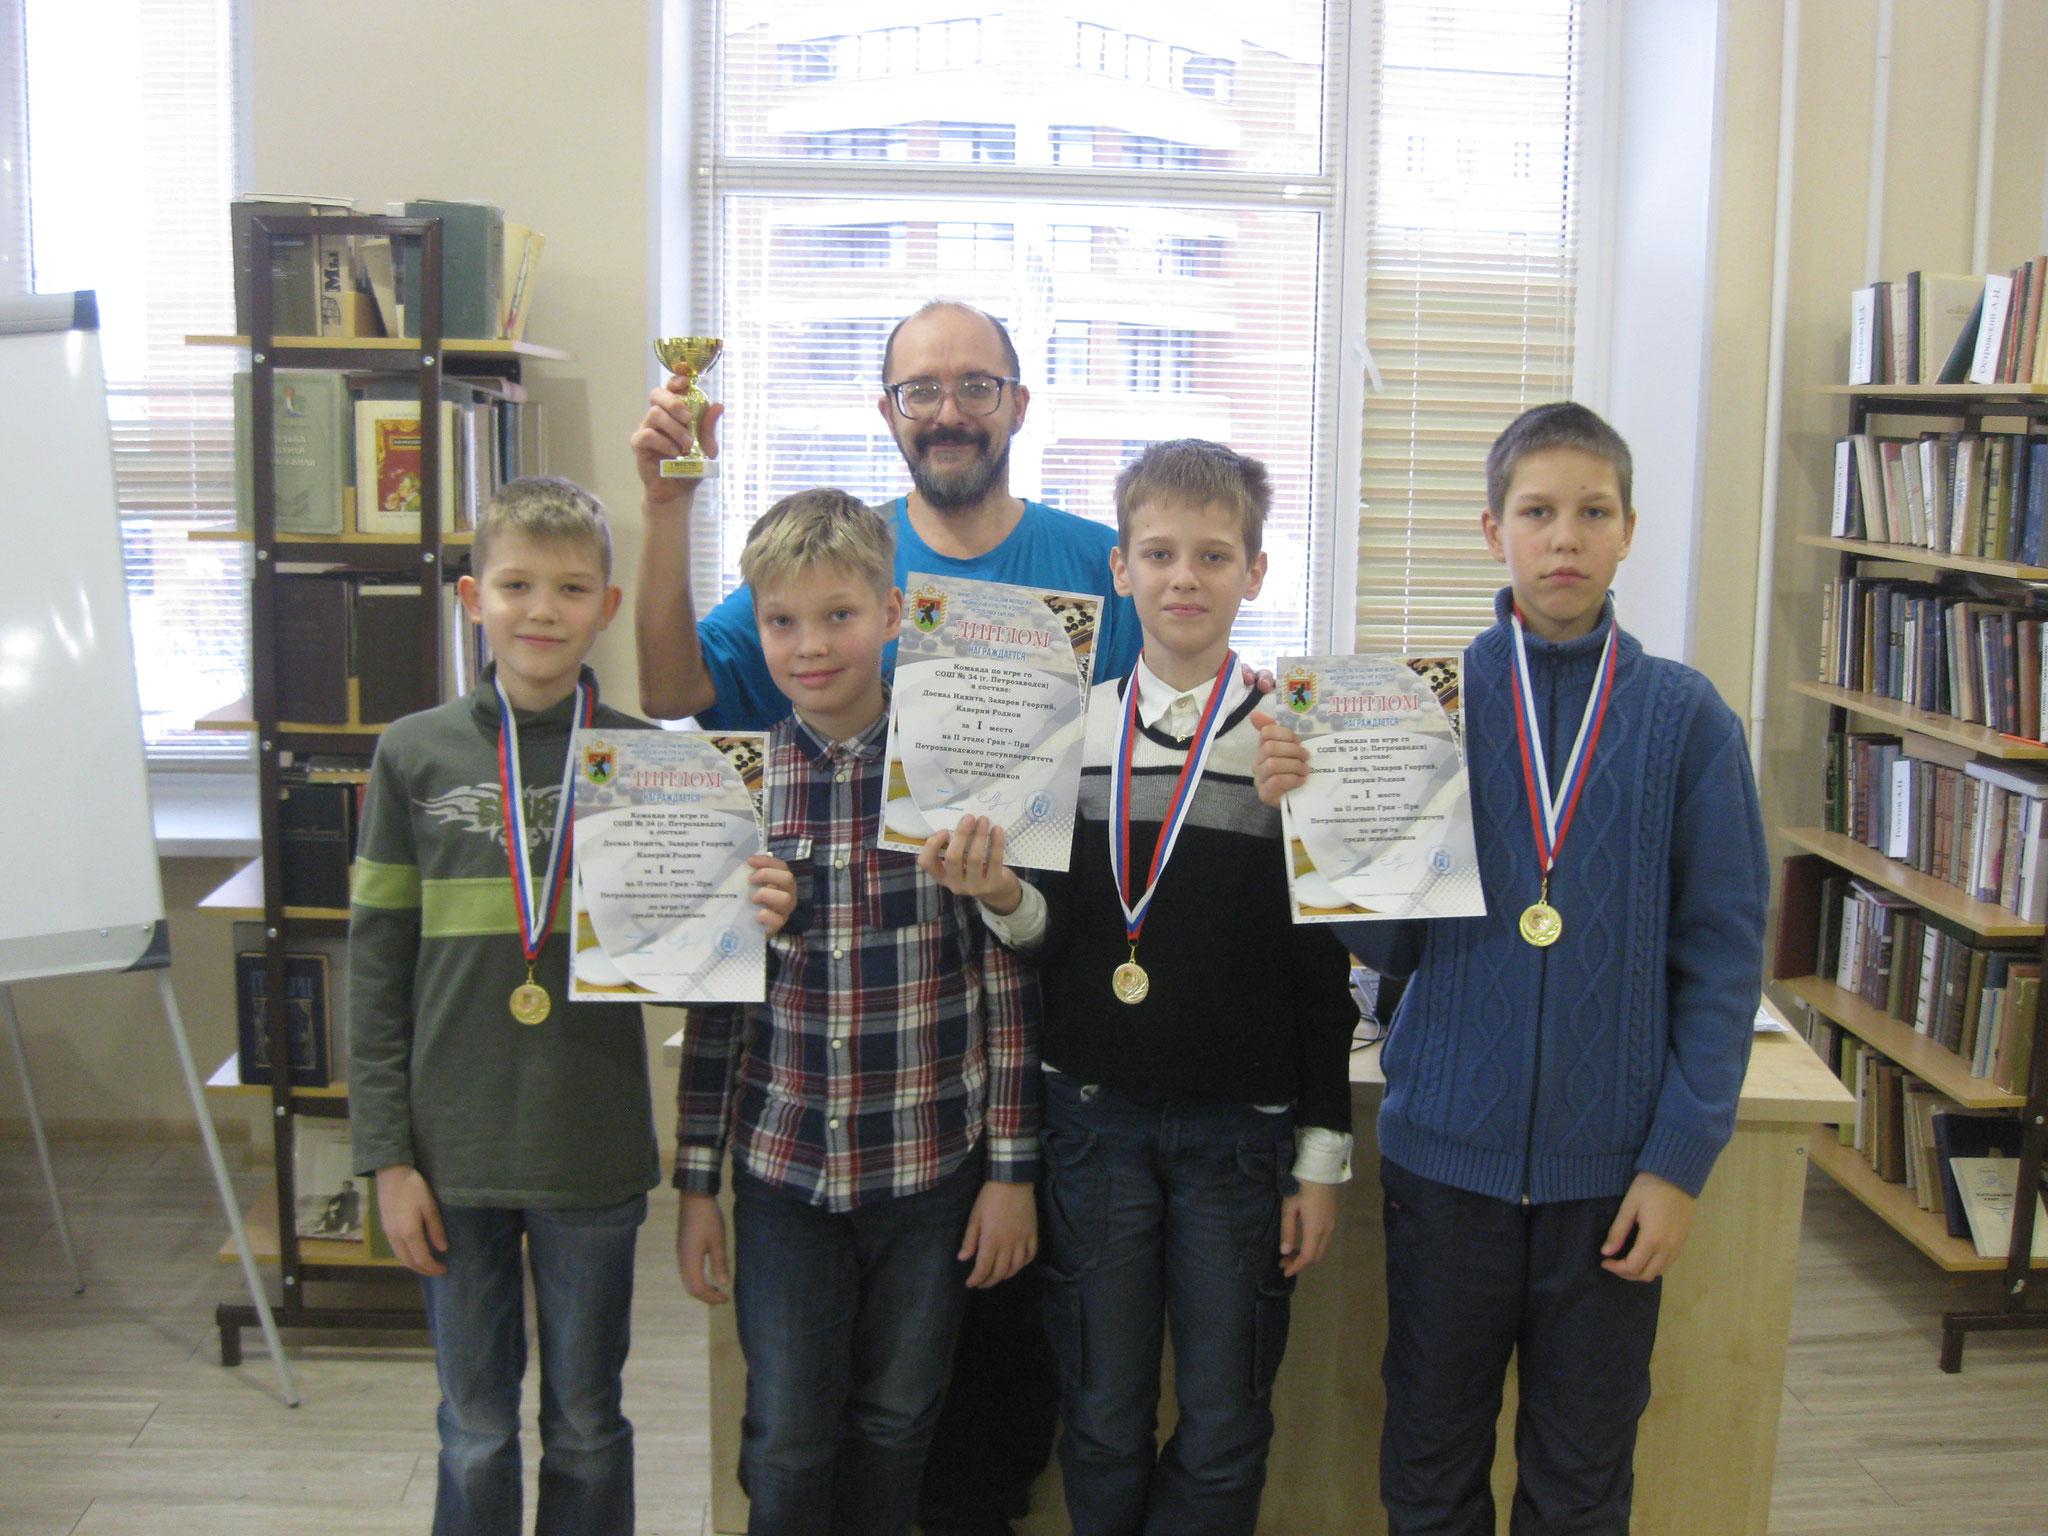 команда-победительница: Никита Доскал, Никита Григорьев, Захаров Георгий, Каверин Родион